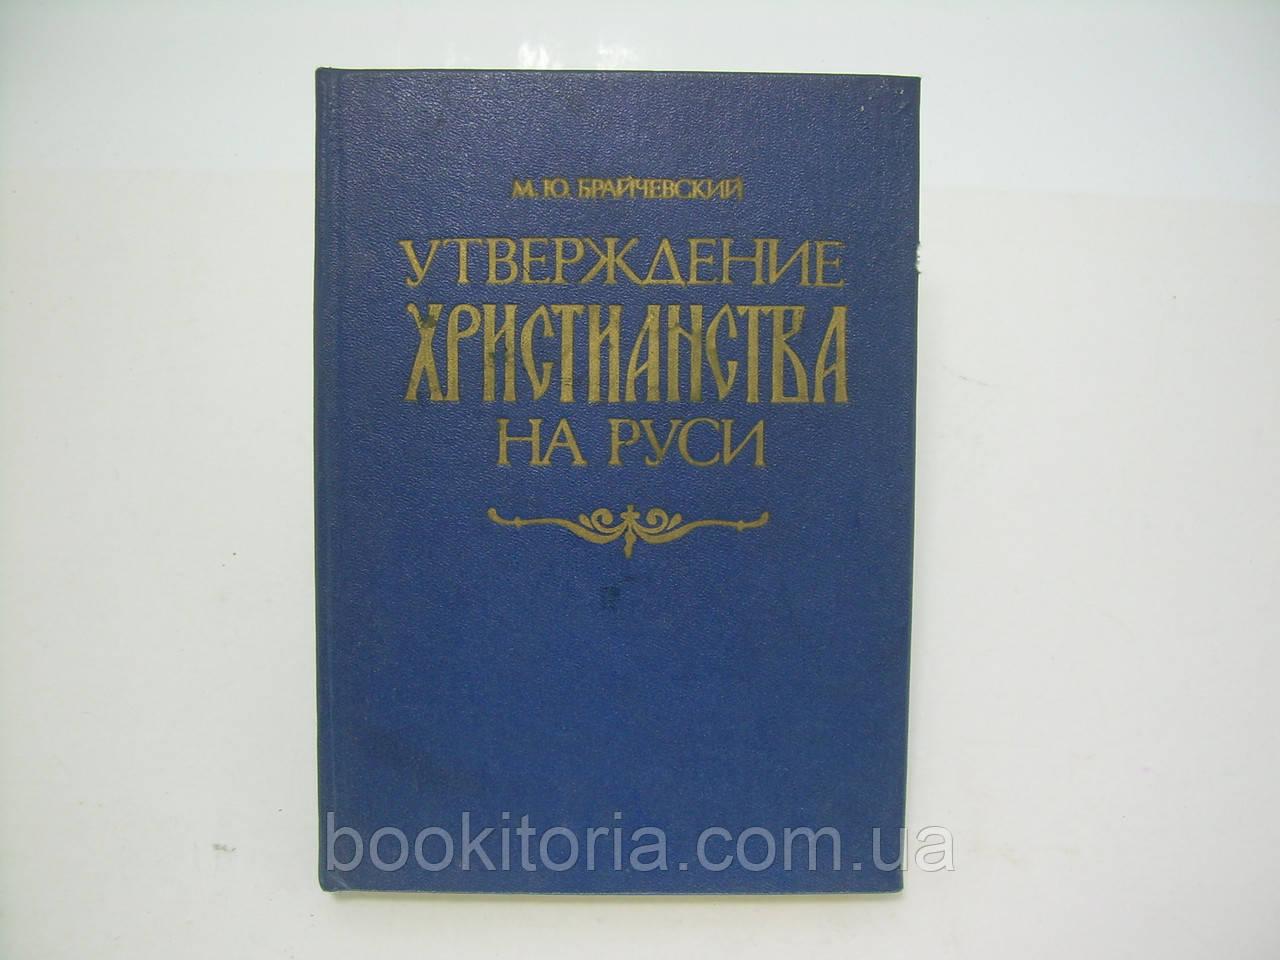 Брайчевский М.Ю. Утверждение христианства на Руси (б/у).